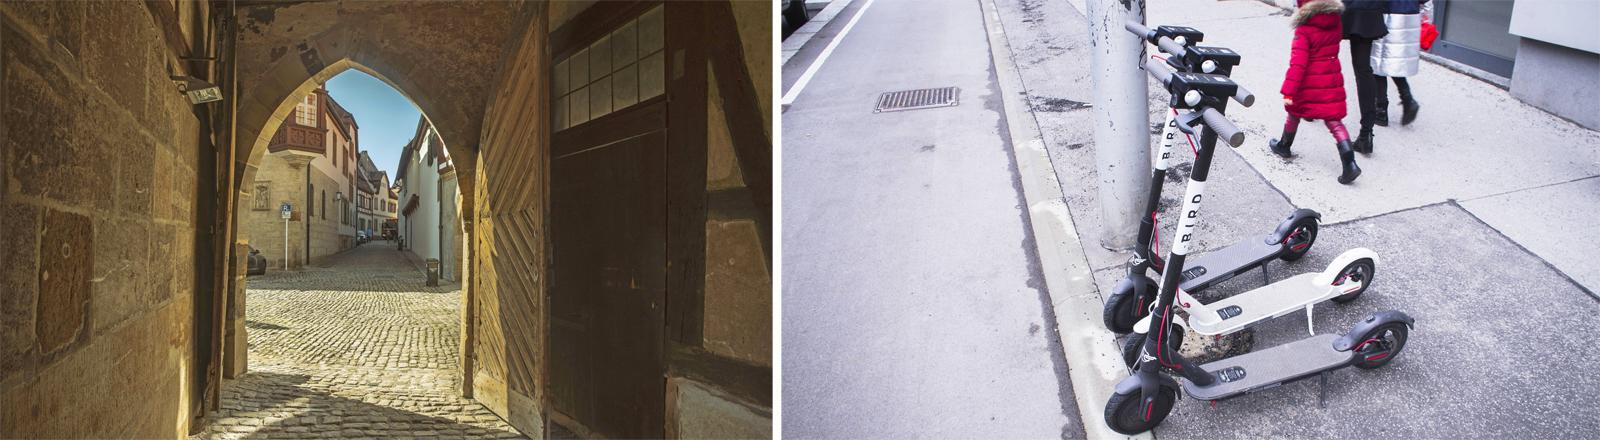 Nicht gerade kompatibel: Die Altstadt von Bamberg und E-Roller in Wien